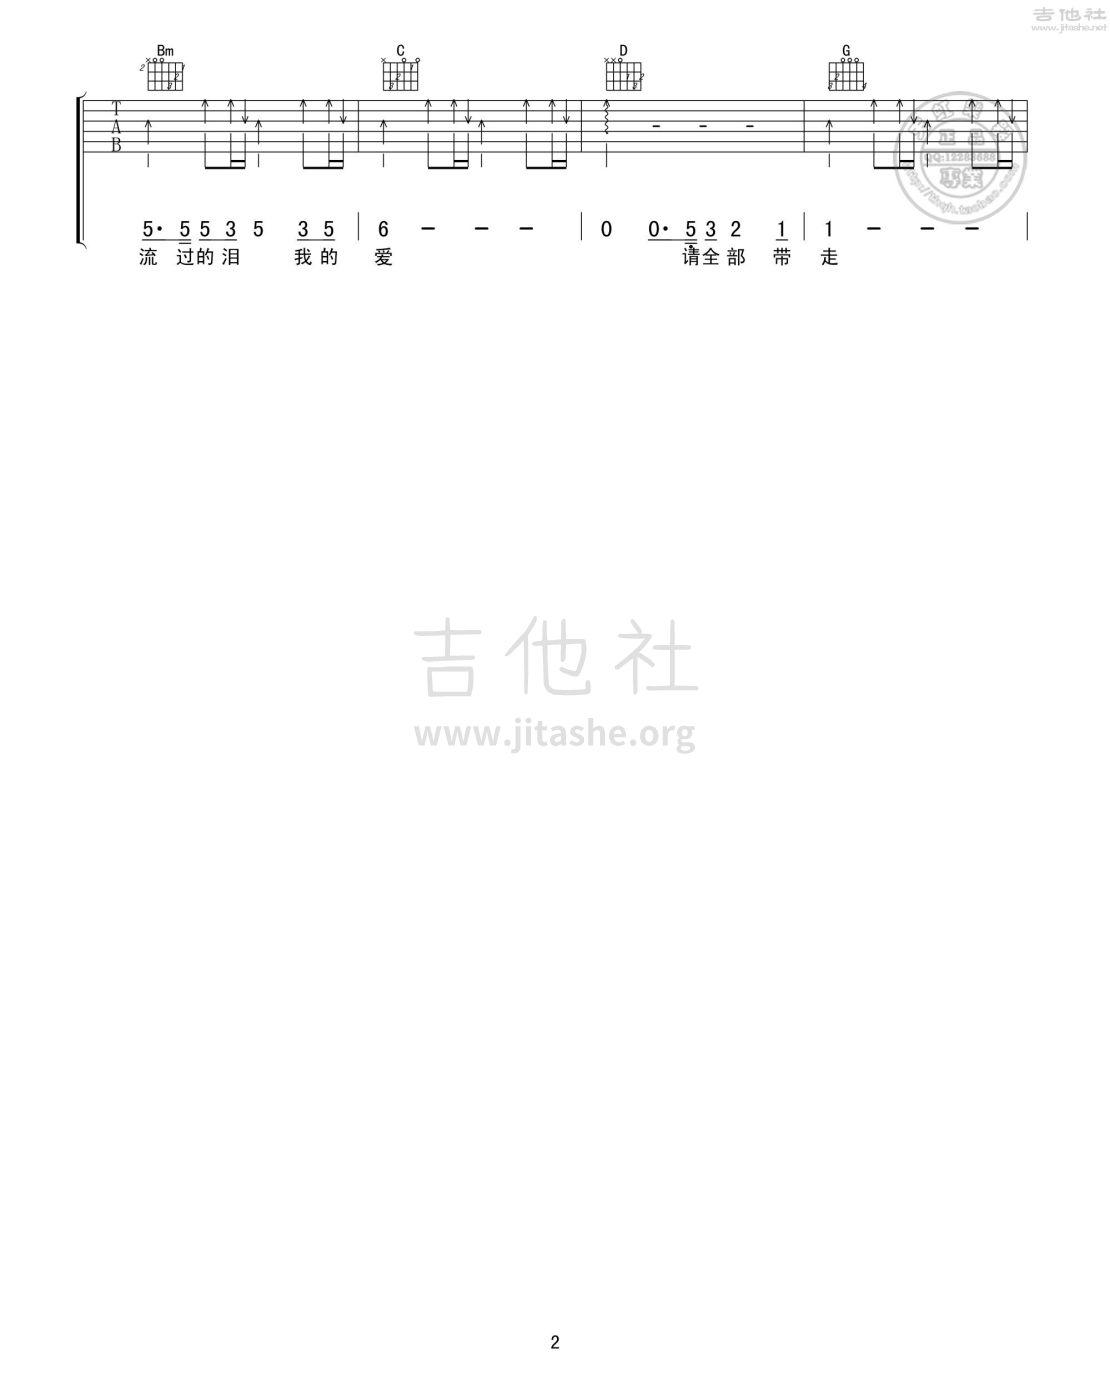 大海吉他谱(图片谱,弹唱)_张雨生(小宝)_大海02.jpg